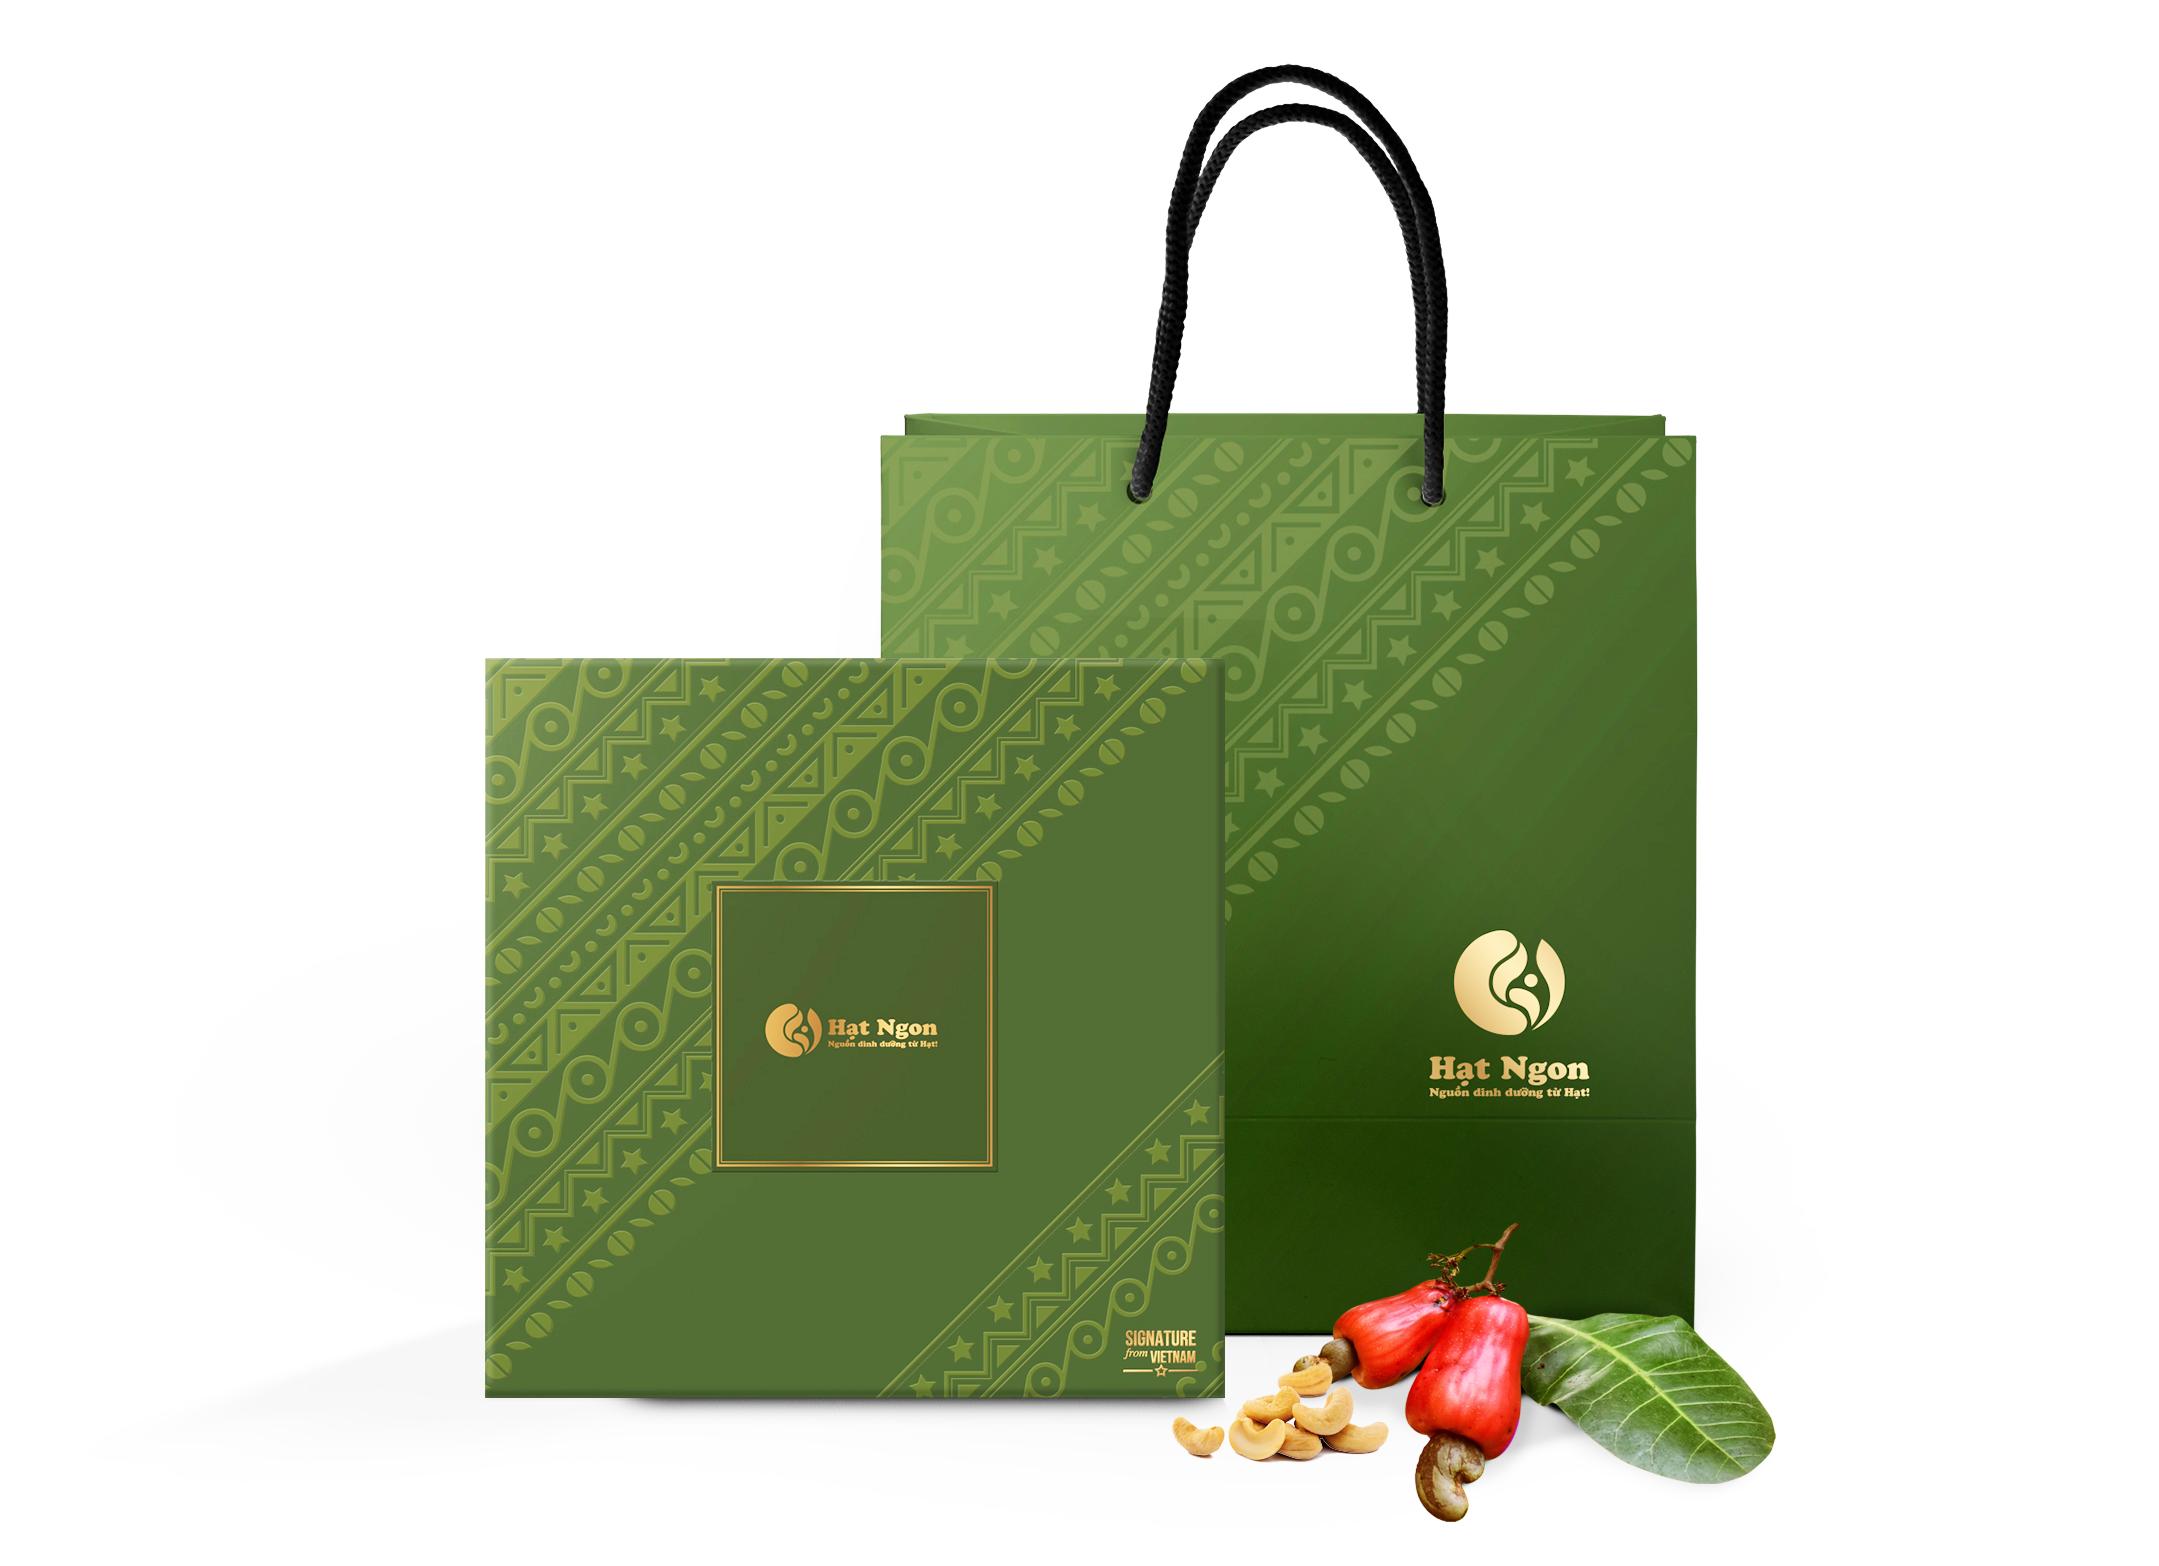 Chọn hạt dinh dưỡng làm quà tặng sếp nữ và nam là một sự lựa chọn thích đáng dành cho bạn!